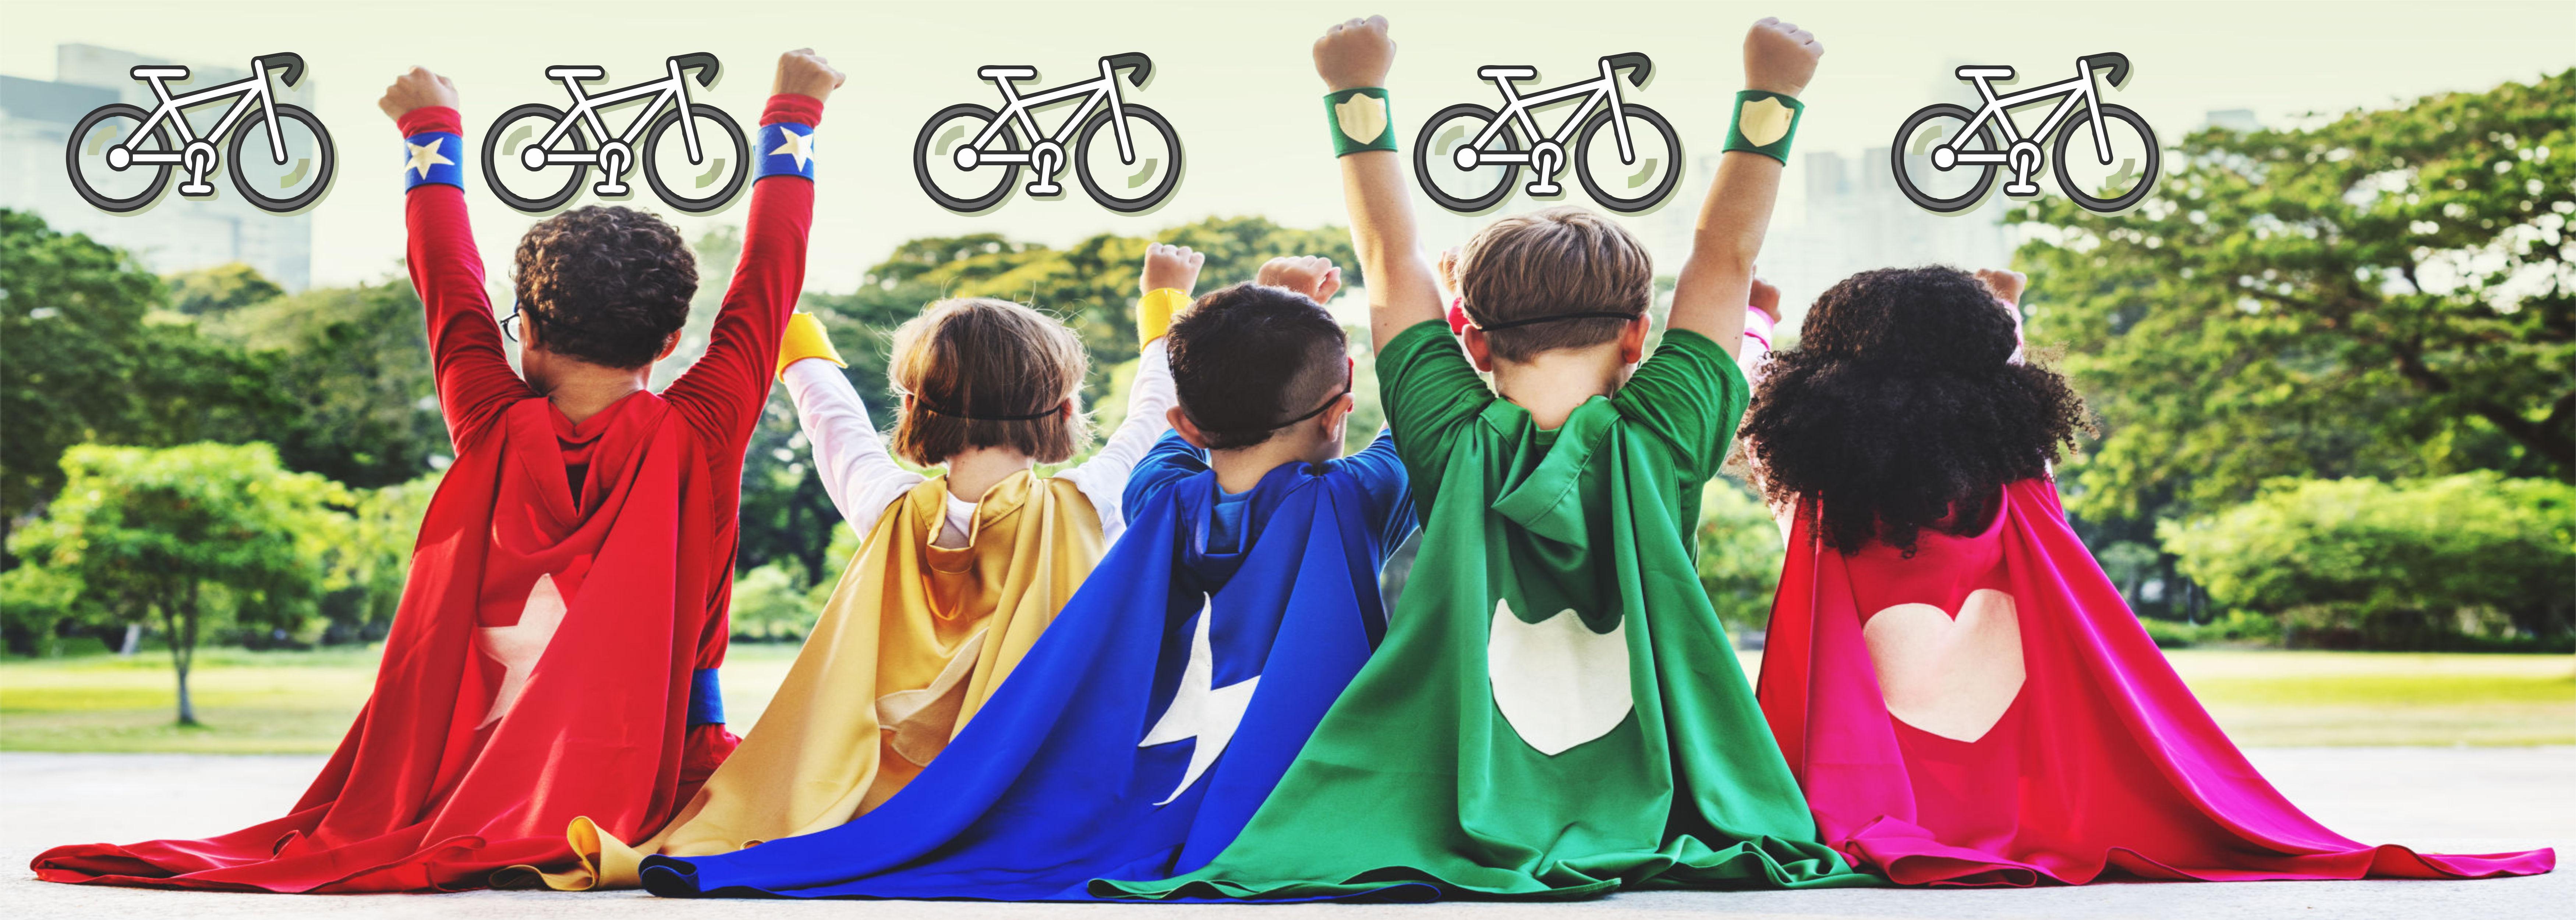 SuperKidz Riding for SuperKidz